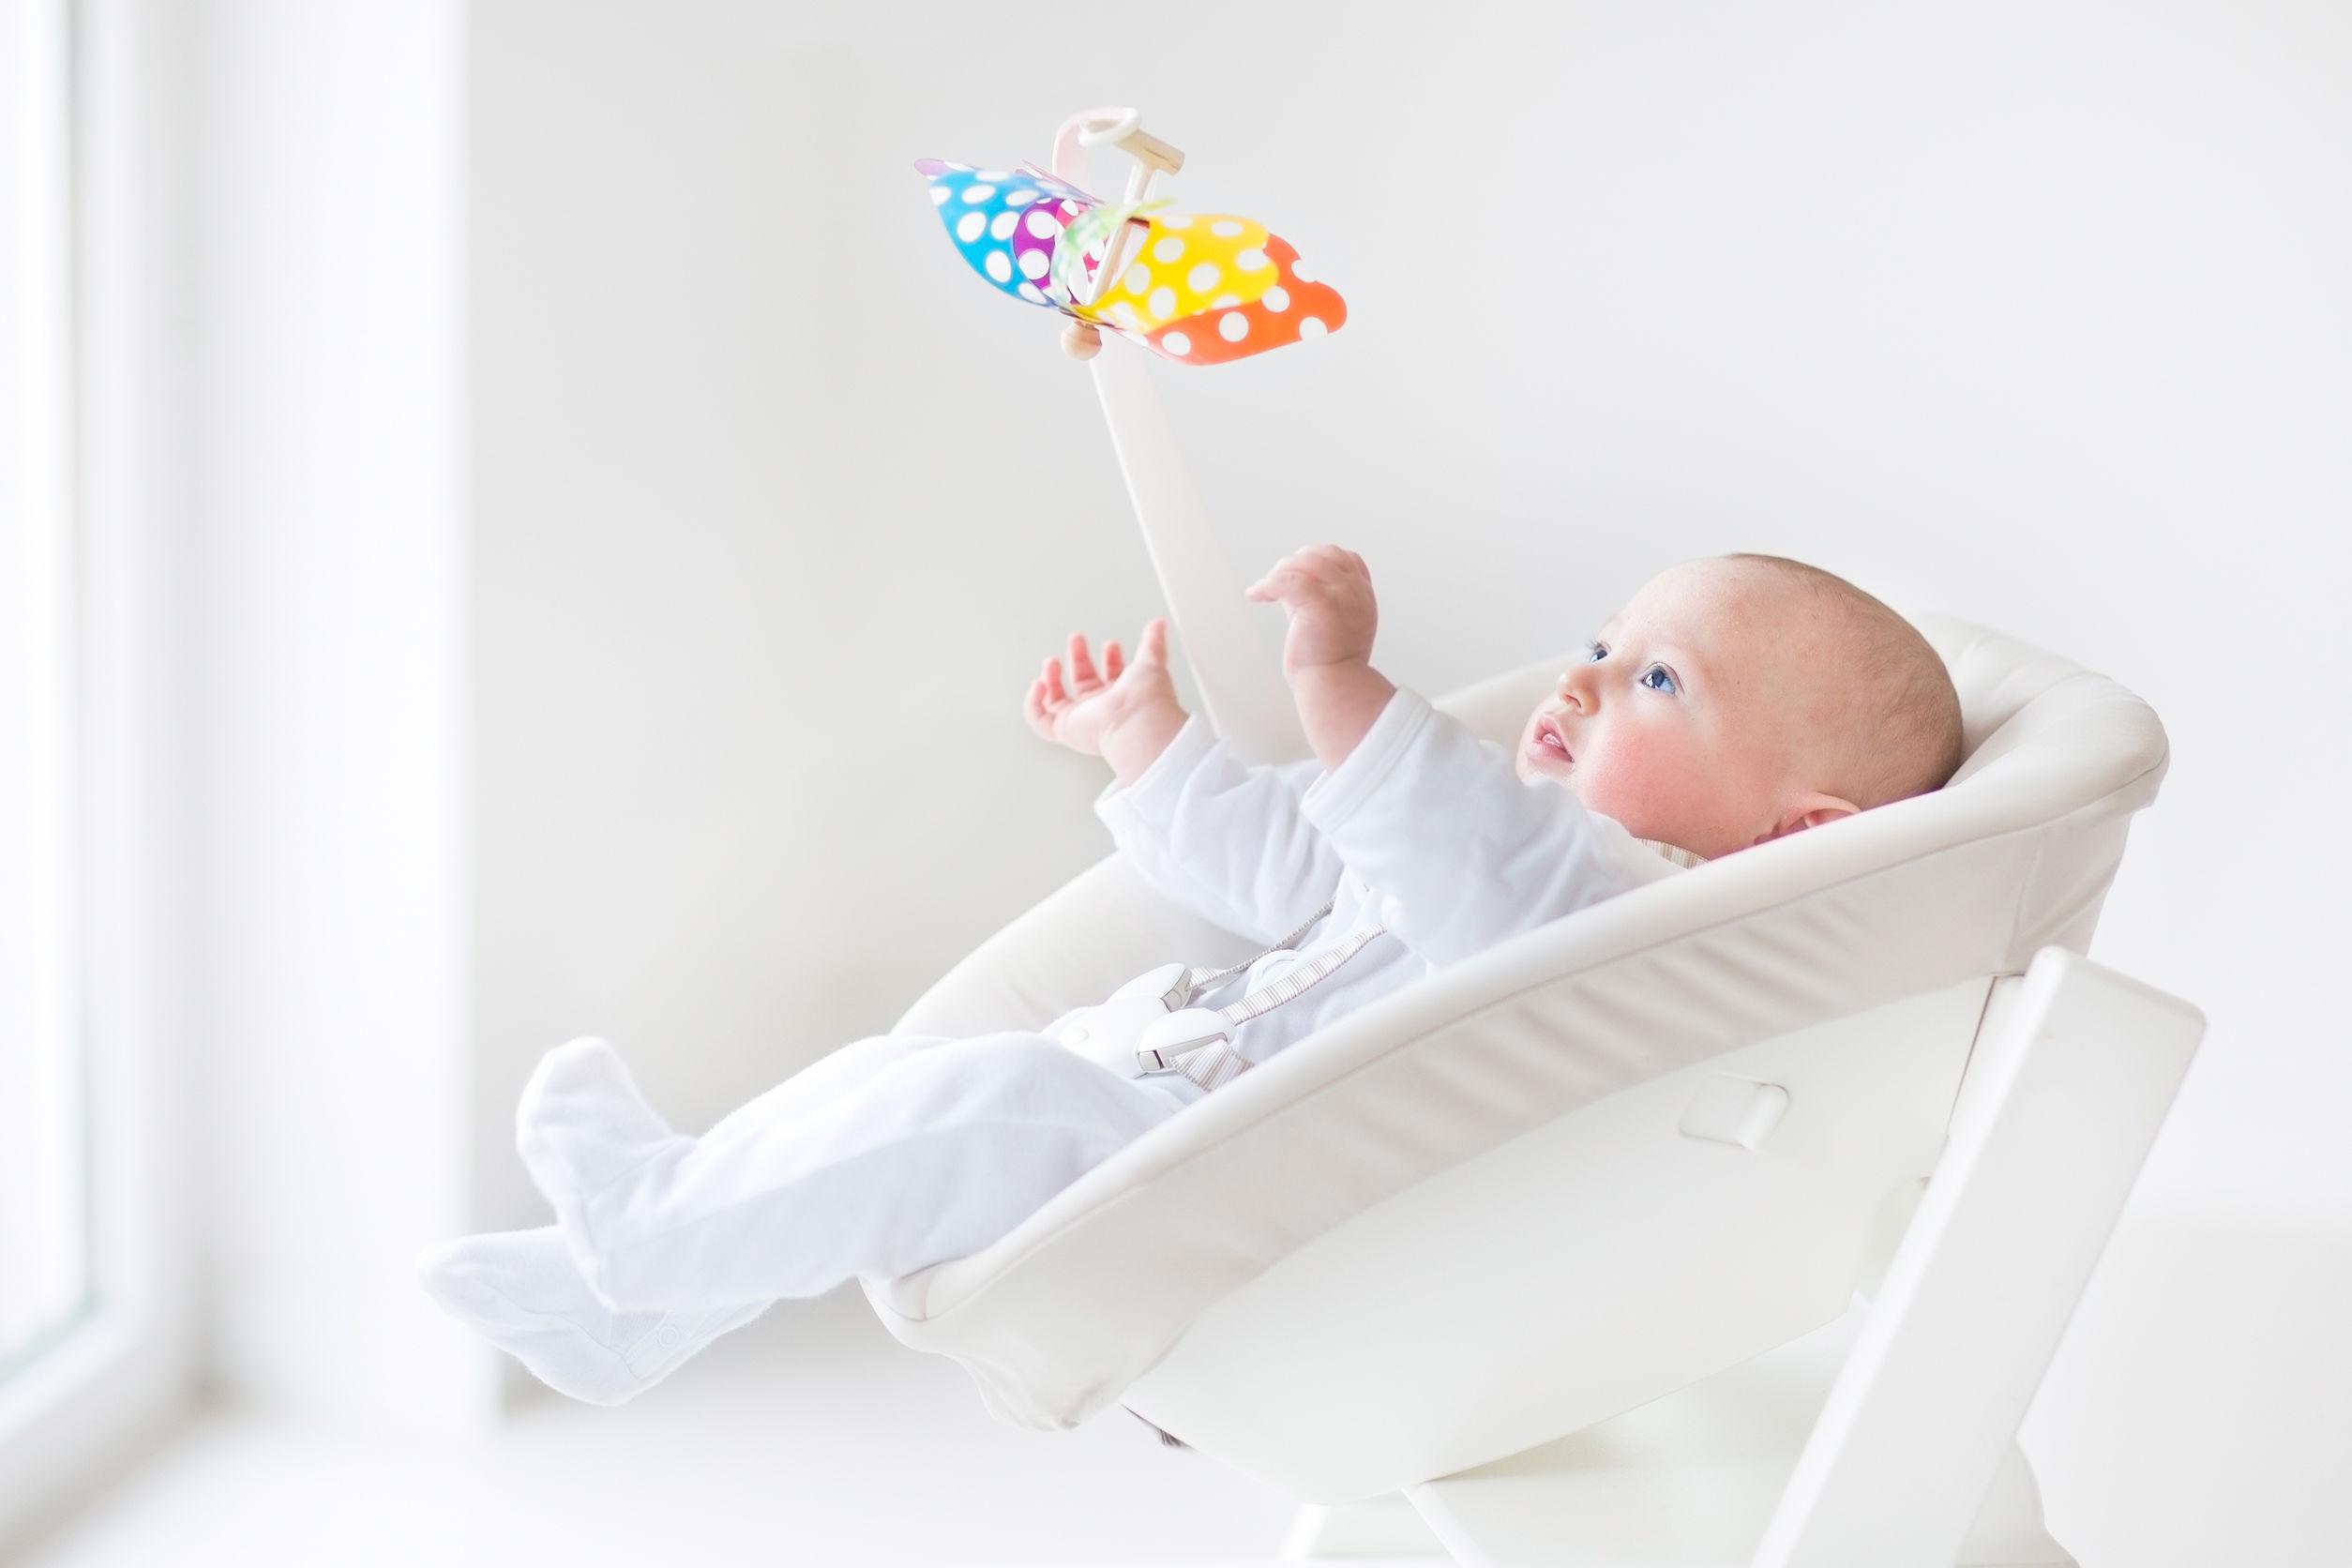 babyschaukel-elektrisch-test